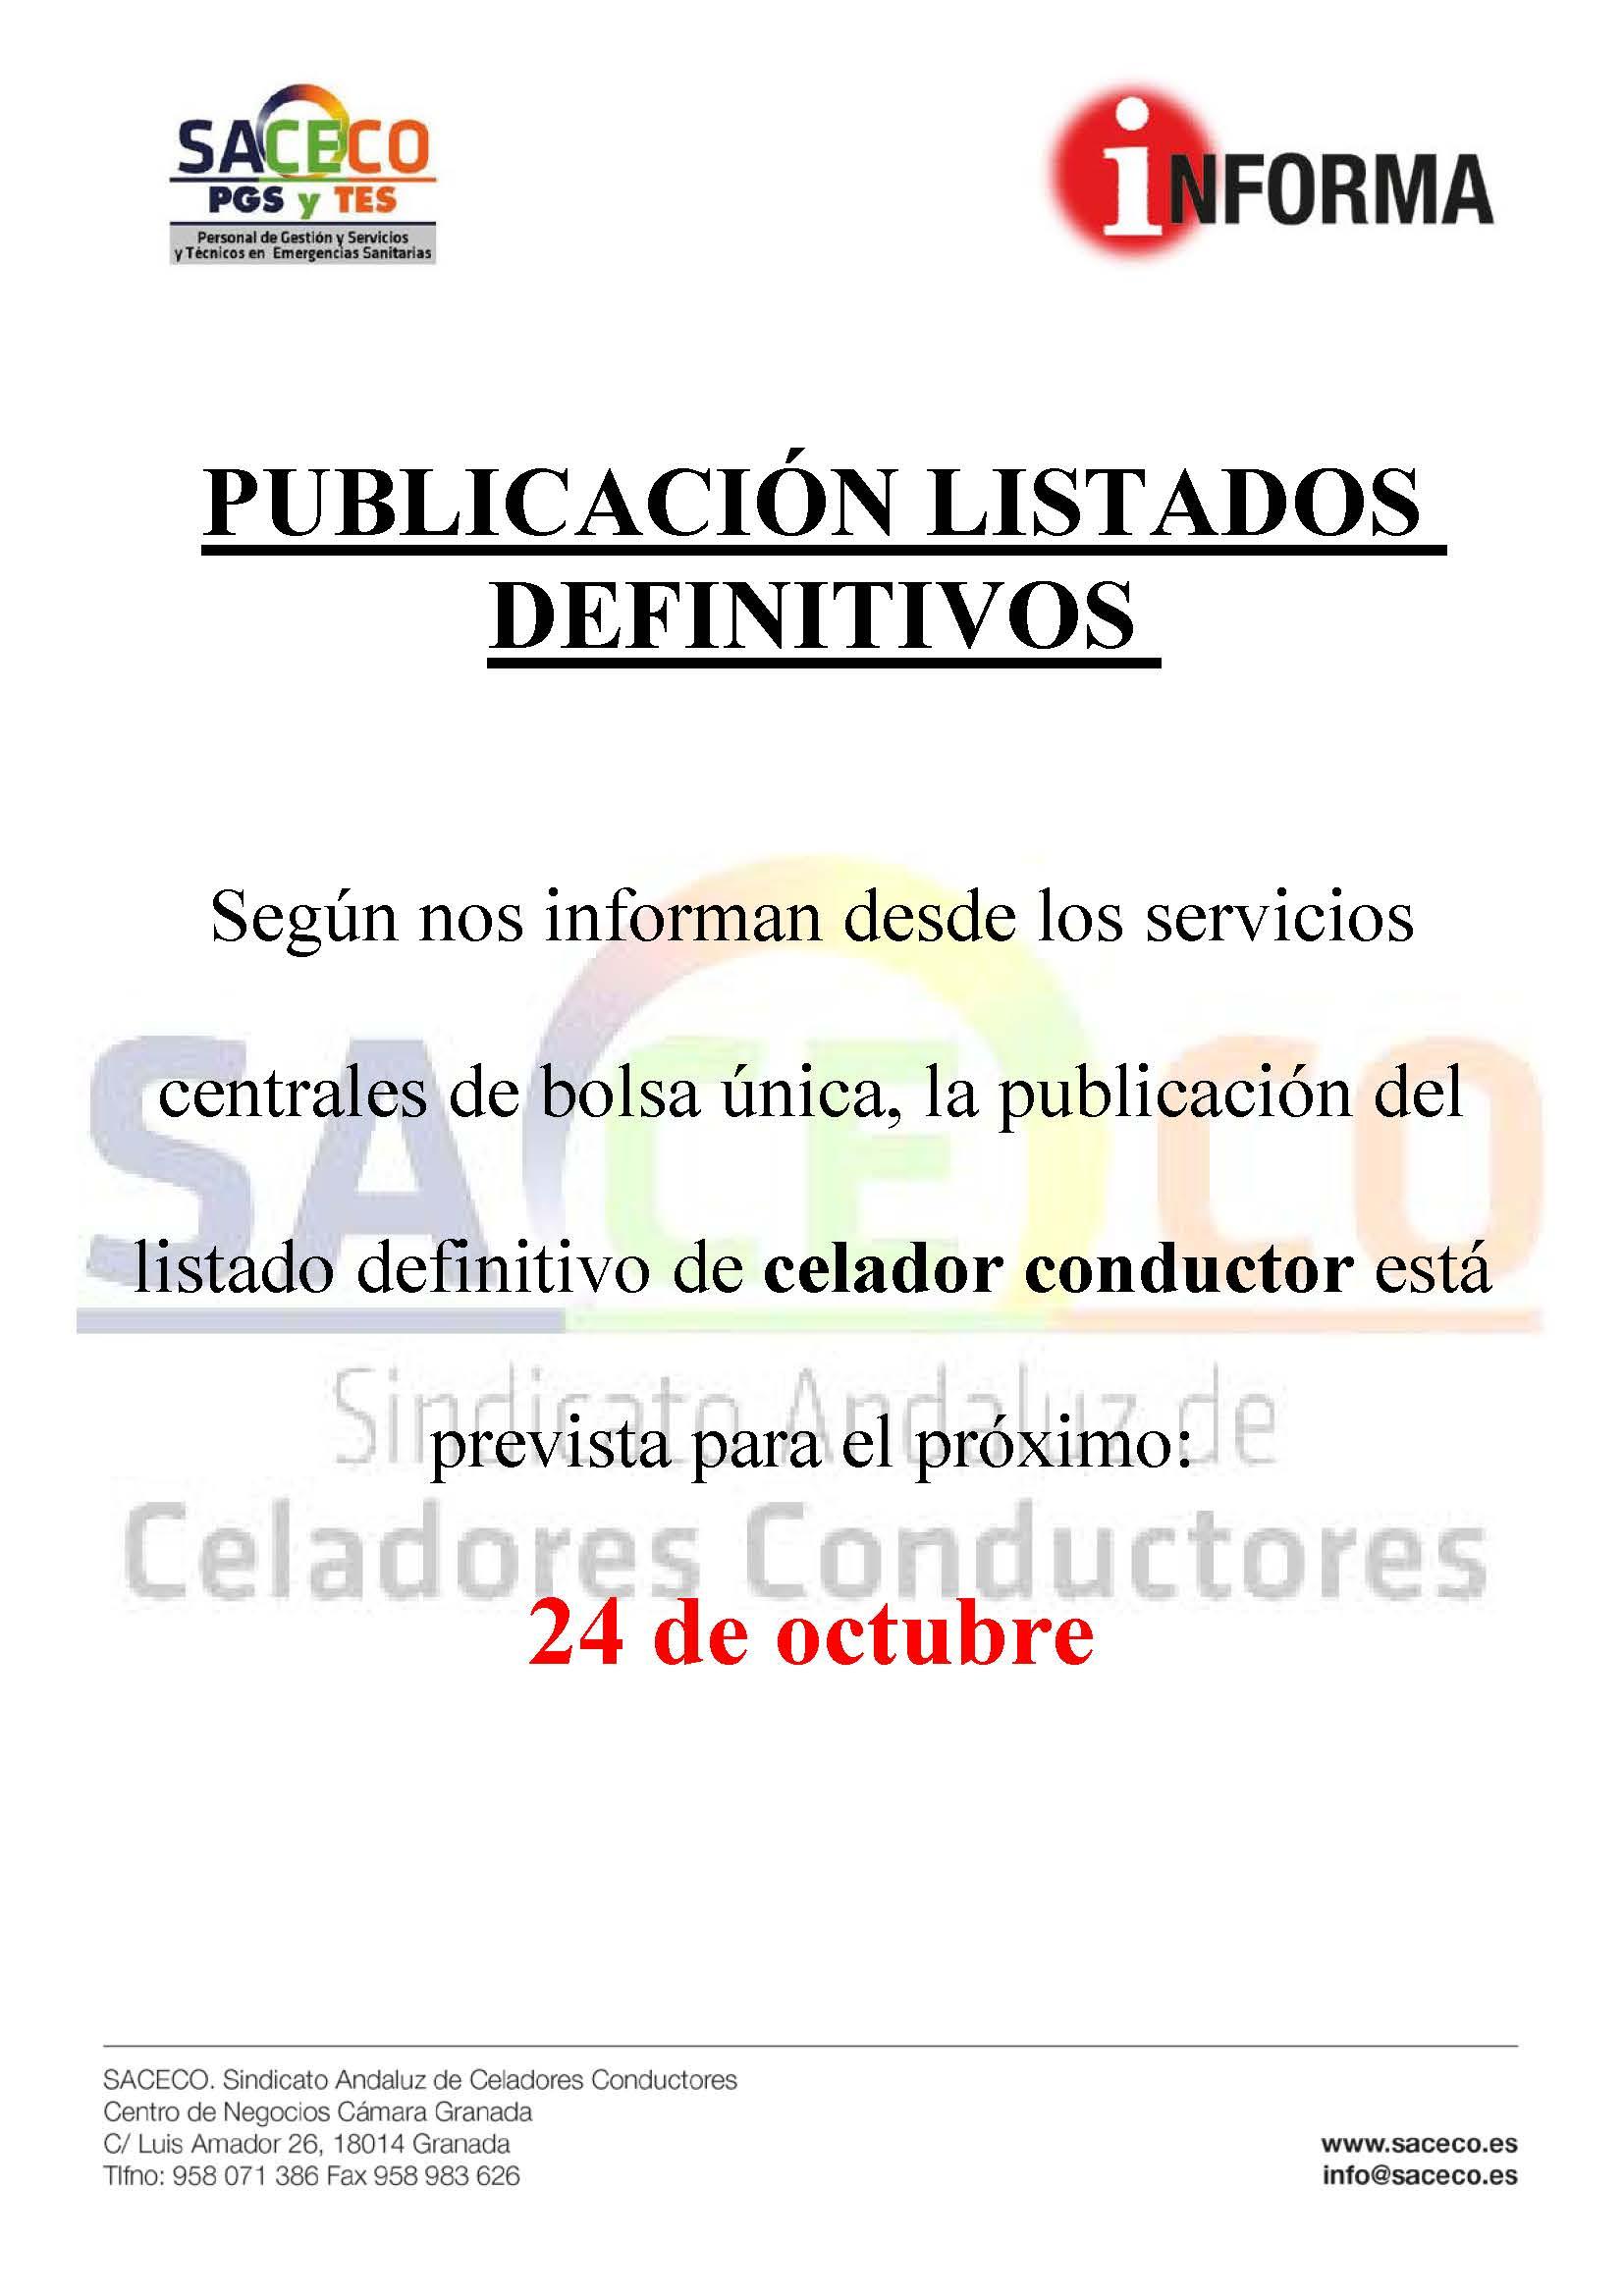 Prevision publicacion listados def. CC